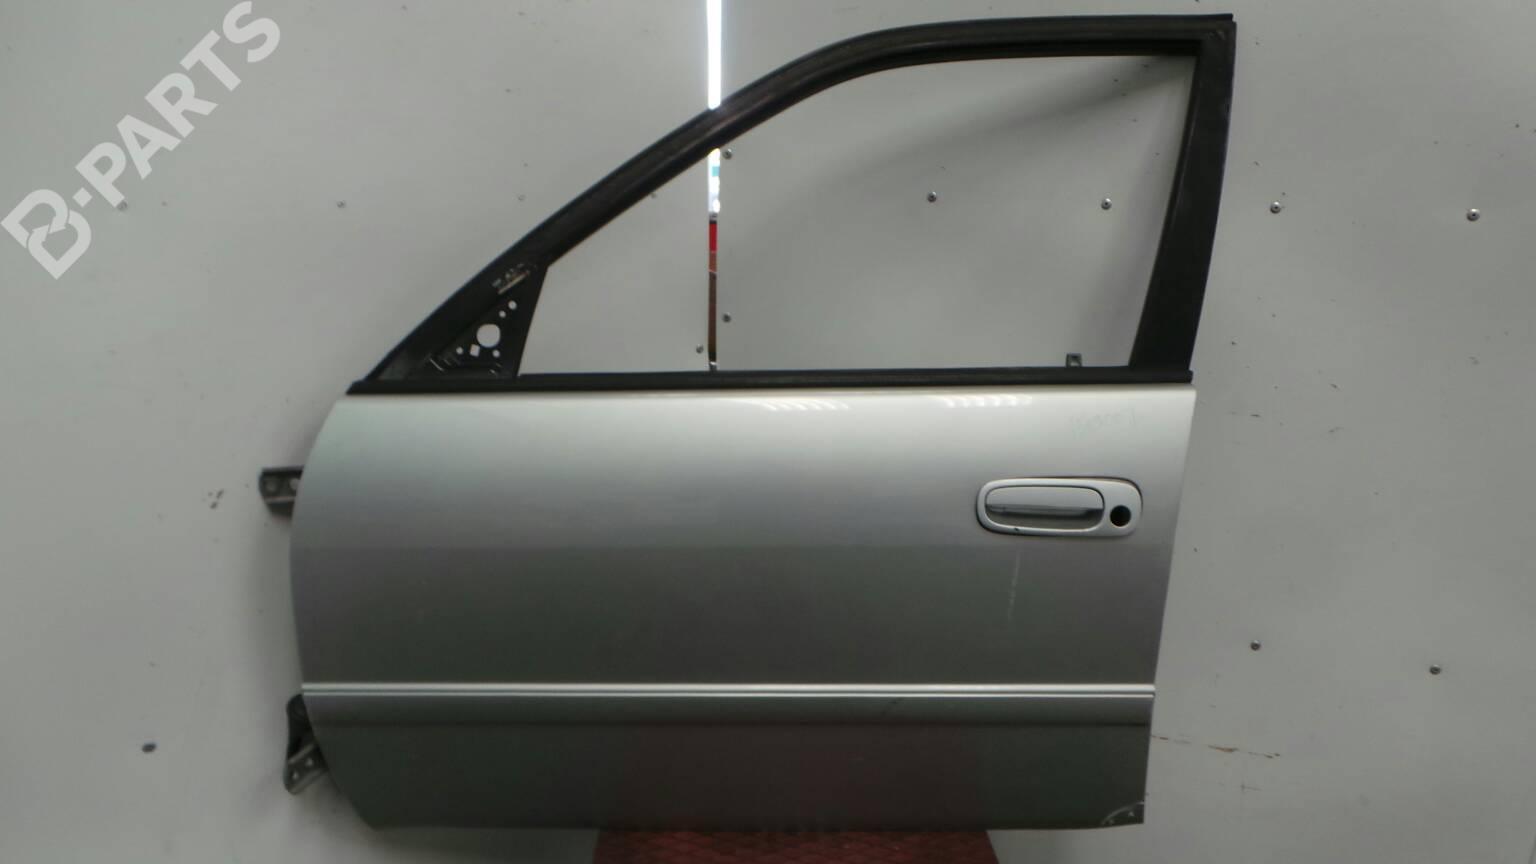 Toyota Corolla Door Schematic Trusted Schematics Diagram 2004 Oem Parts Wiring 2000 Www Topsimages Com